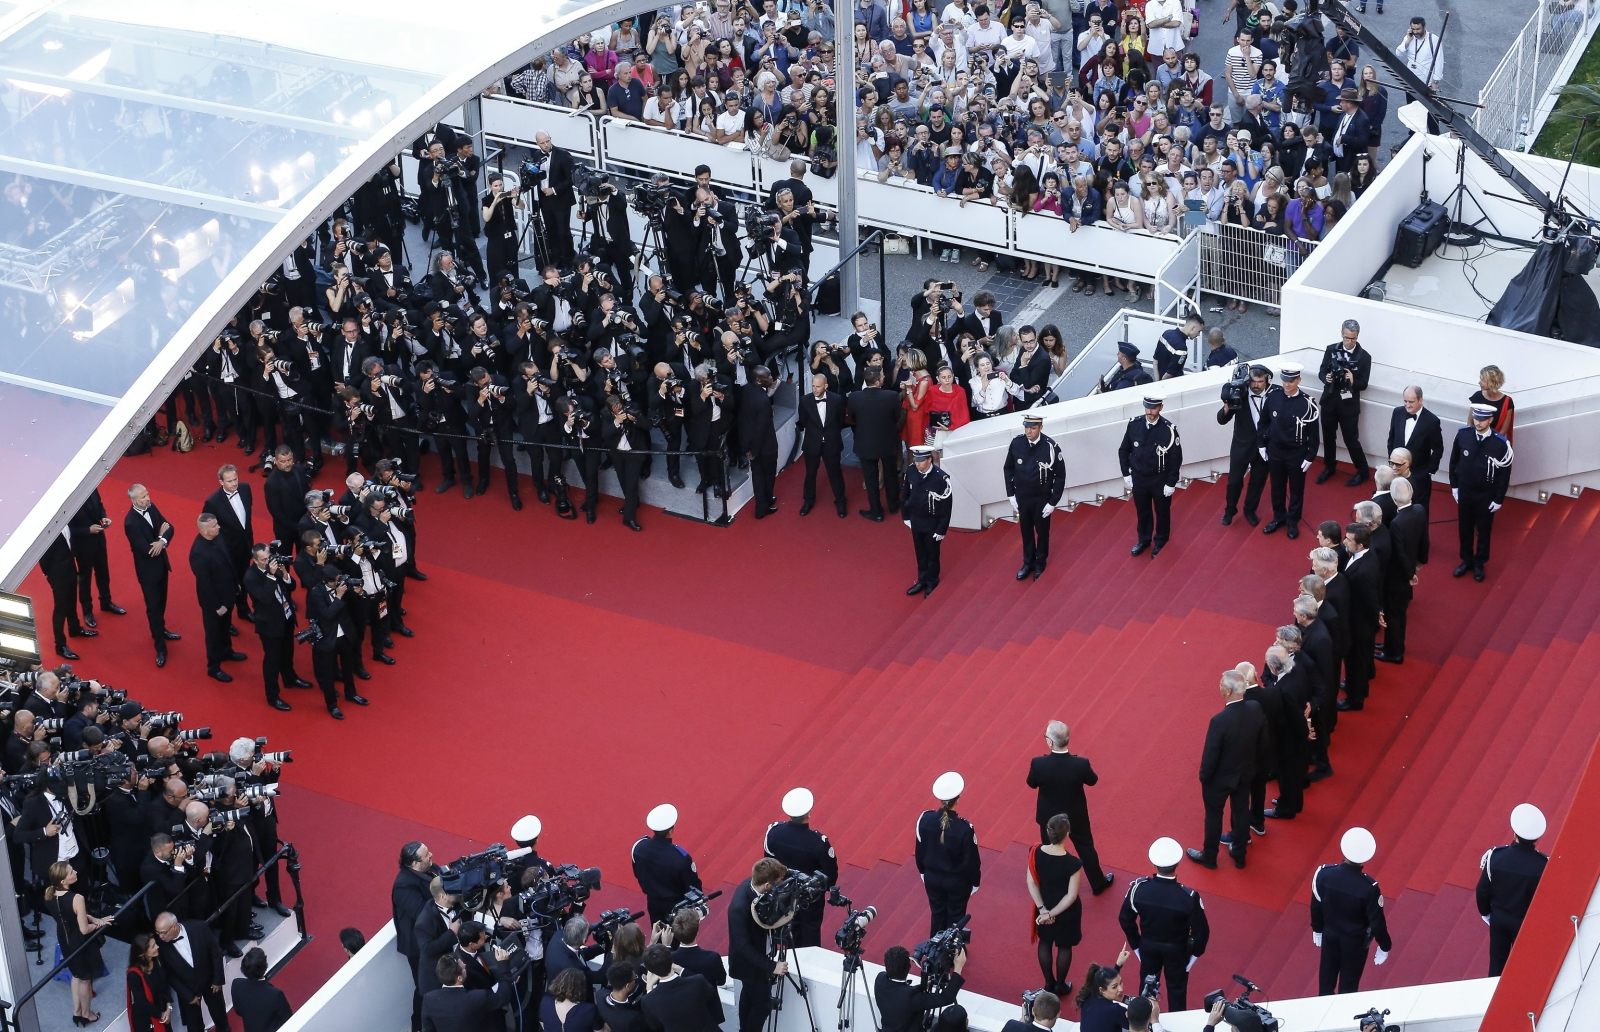 70 edycja festiwalu w Cannes.